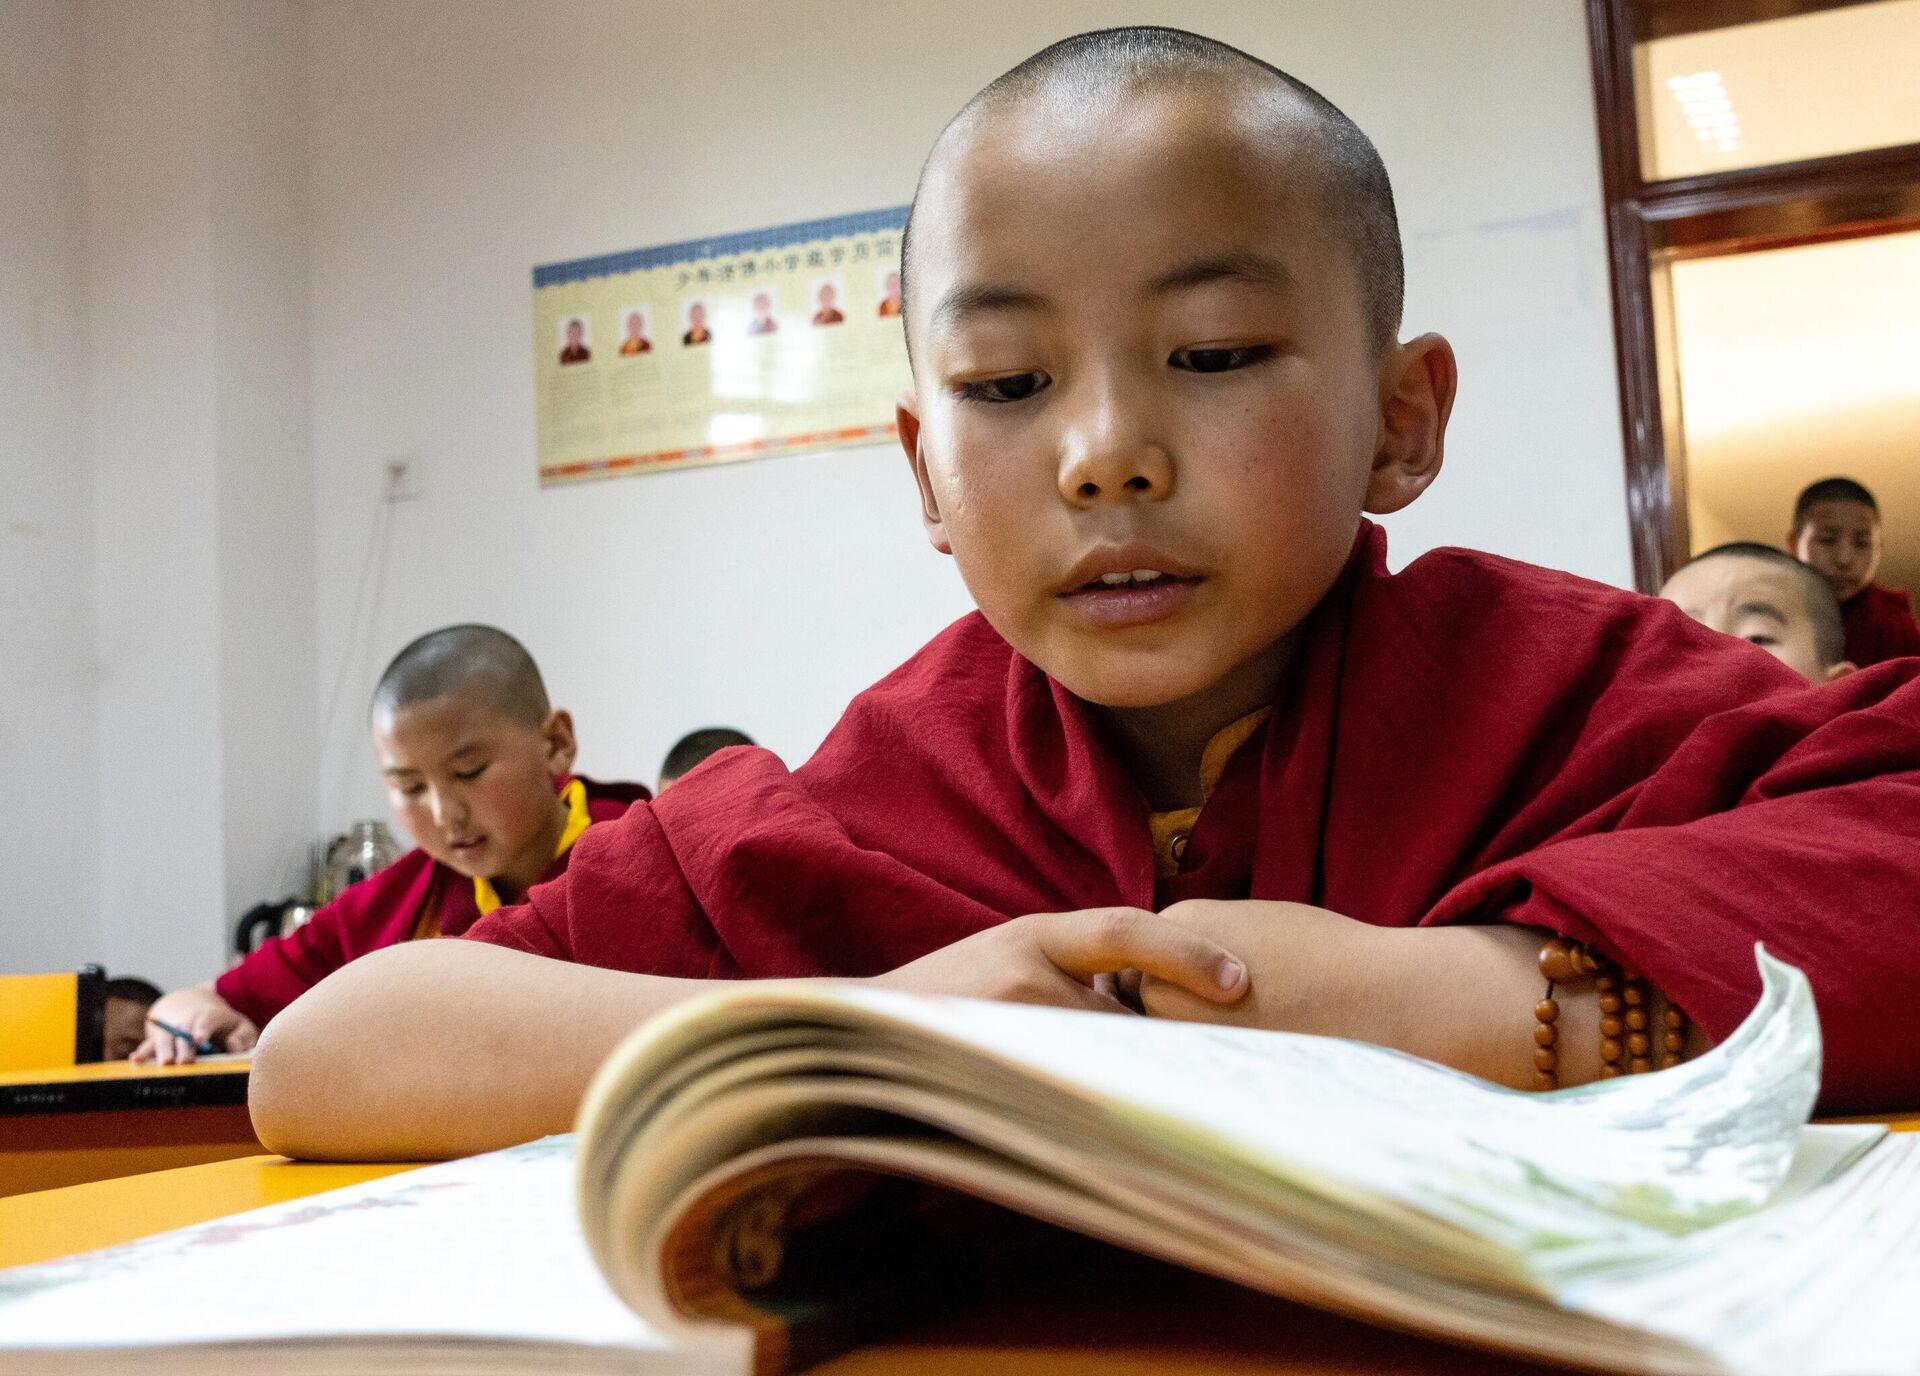 Ученик на занятиях в Буддистском институте в деревне Жэдуй городского округа Лхаса в Тибете - РИА Новости, 1920, 08.06.2021